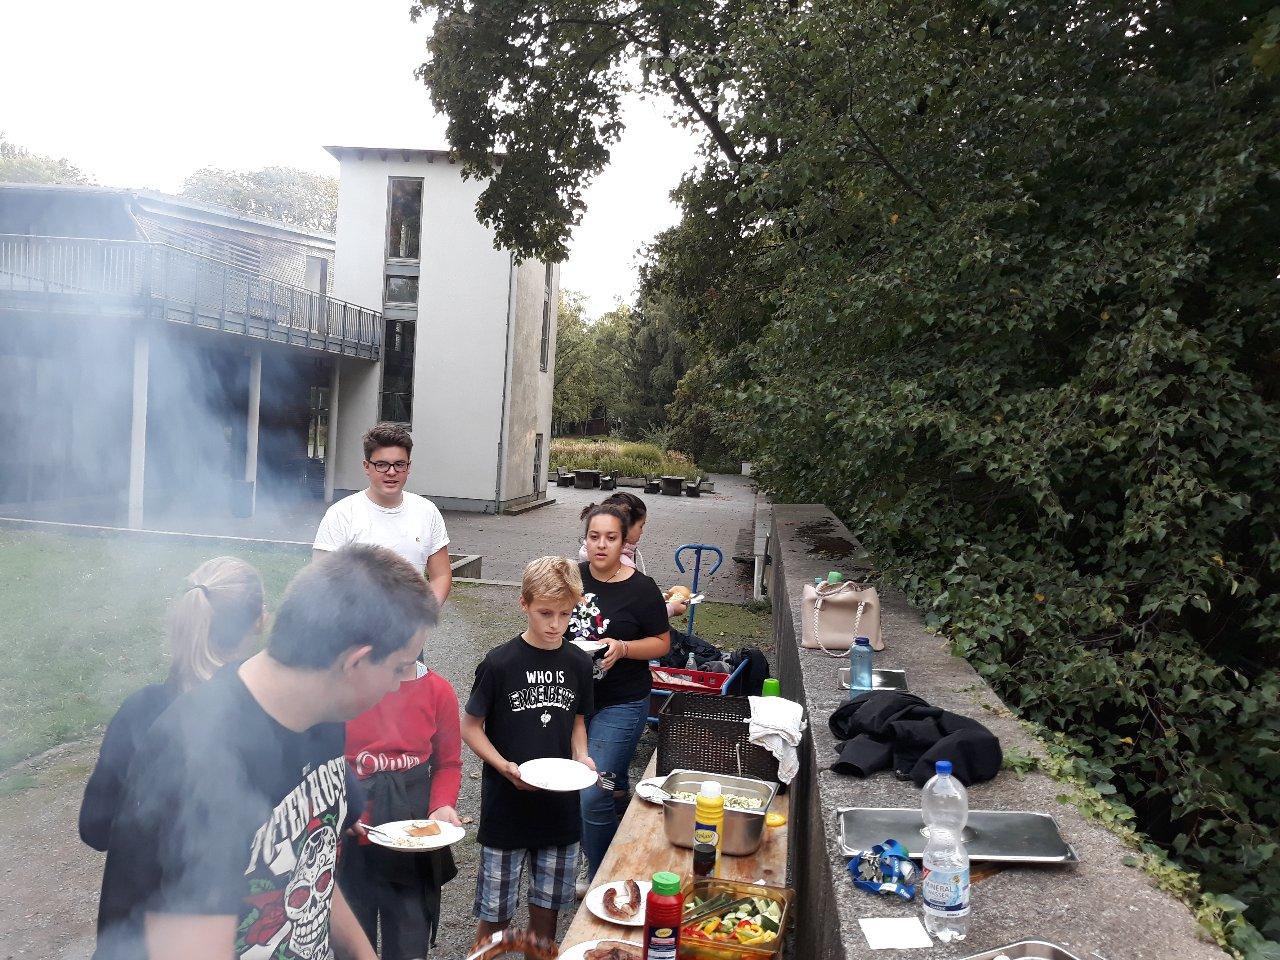 Wochenend-Ausflug nach St. Altfried 2018